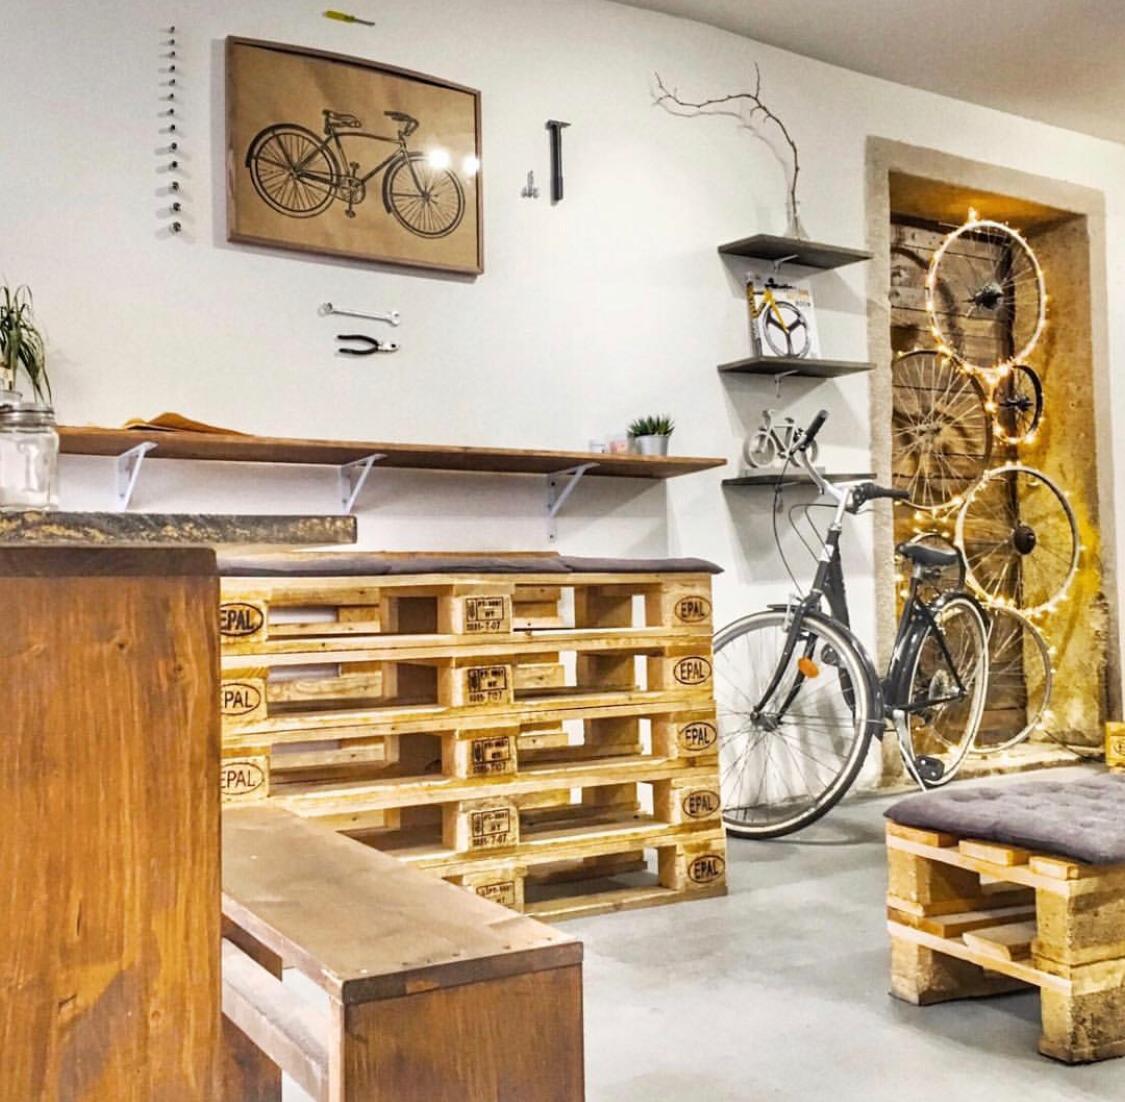 «Оборудование покупали на блошиных рынках»: уральцы без знания языка открыли свою кофейню в Европе